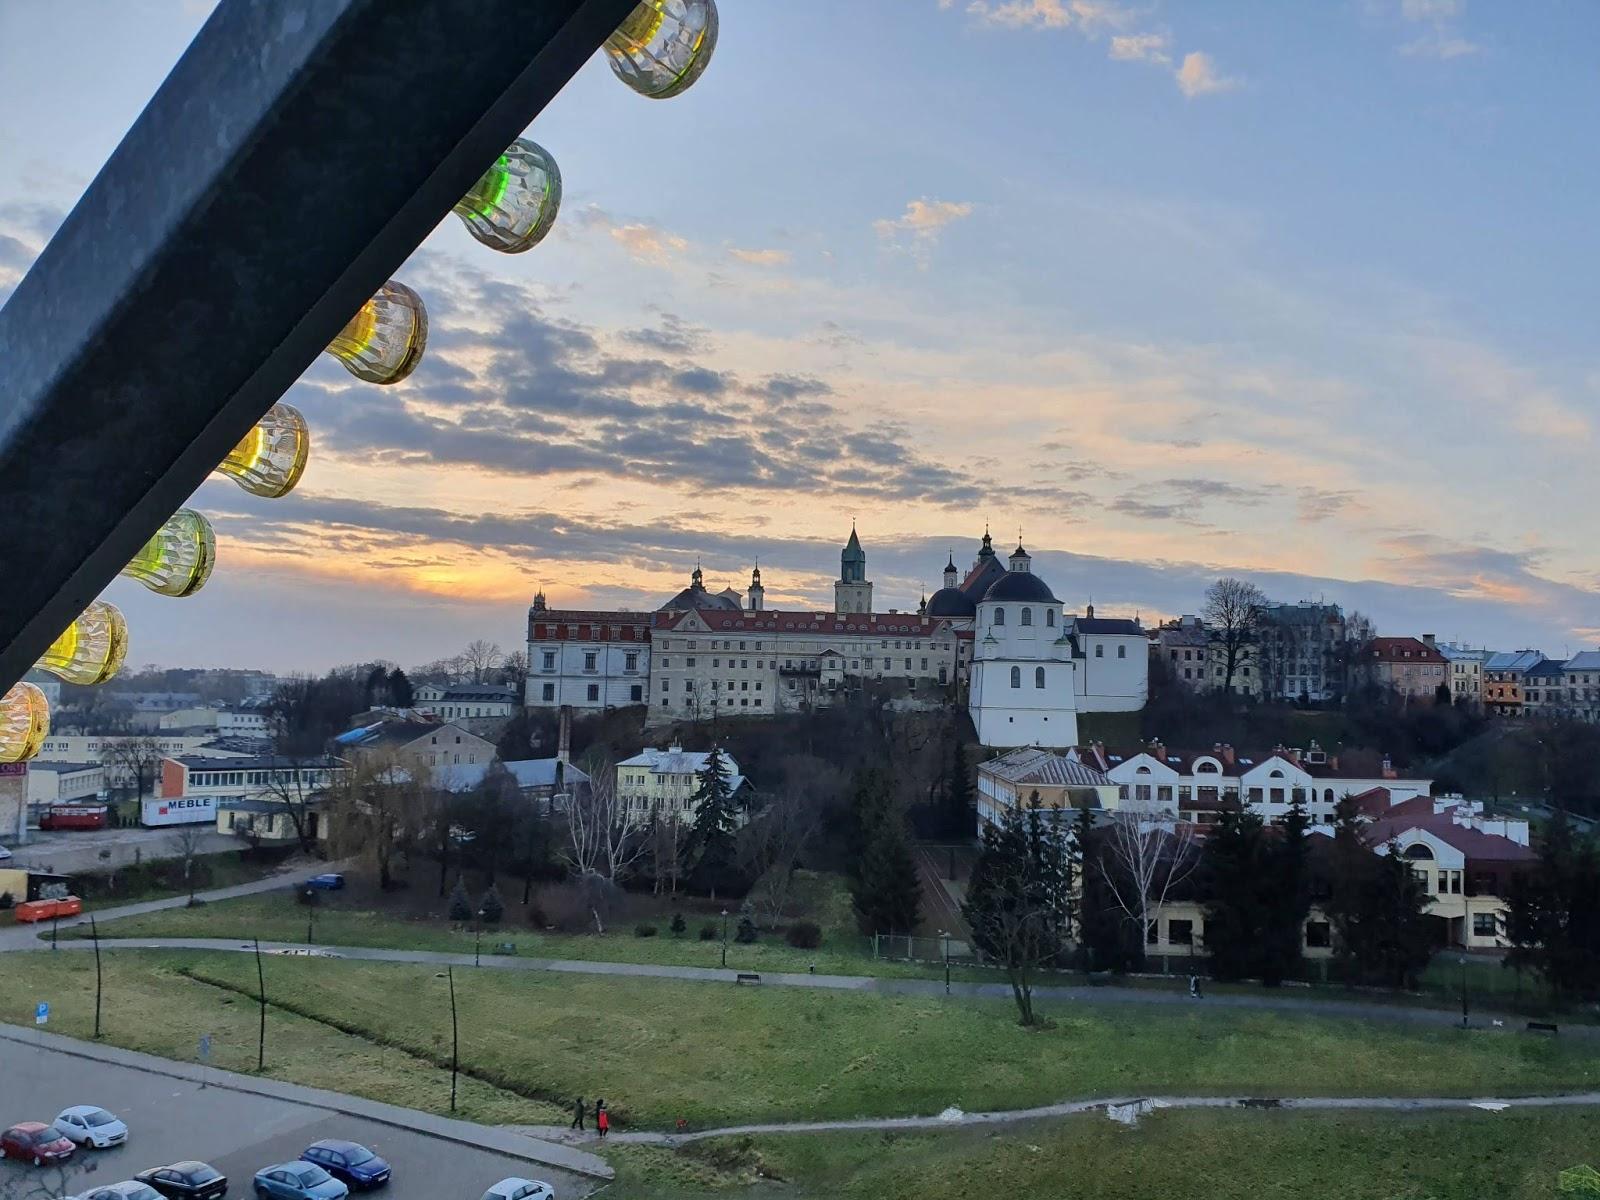 [Личный опыт] Как живется в Польше: европейская инфраструктура и российские медицина и образование